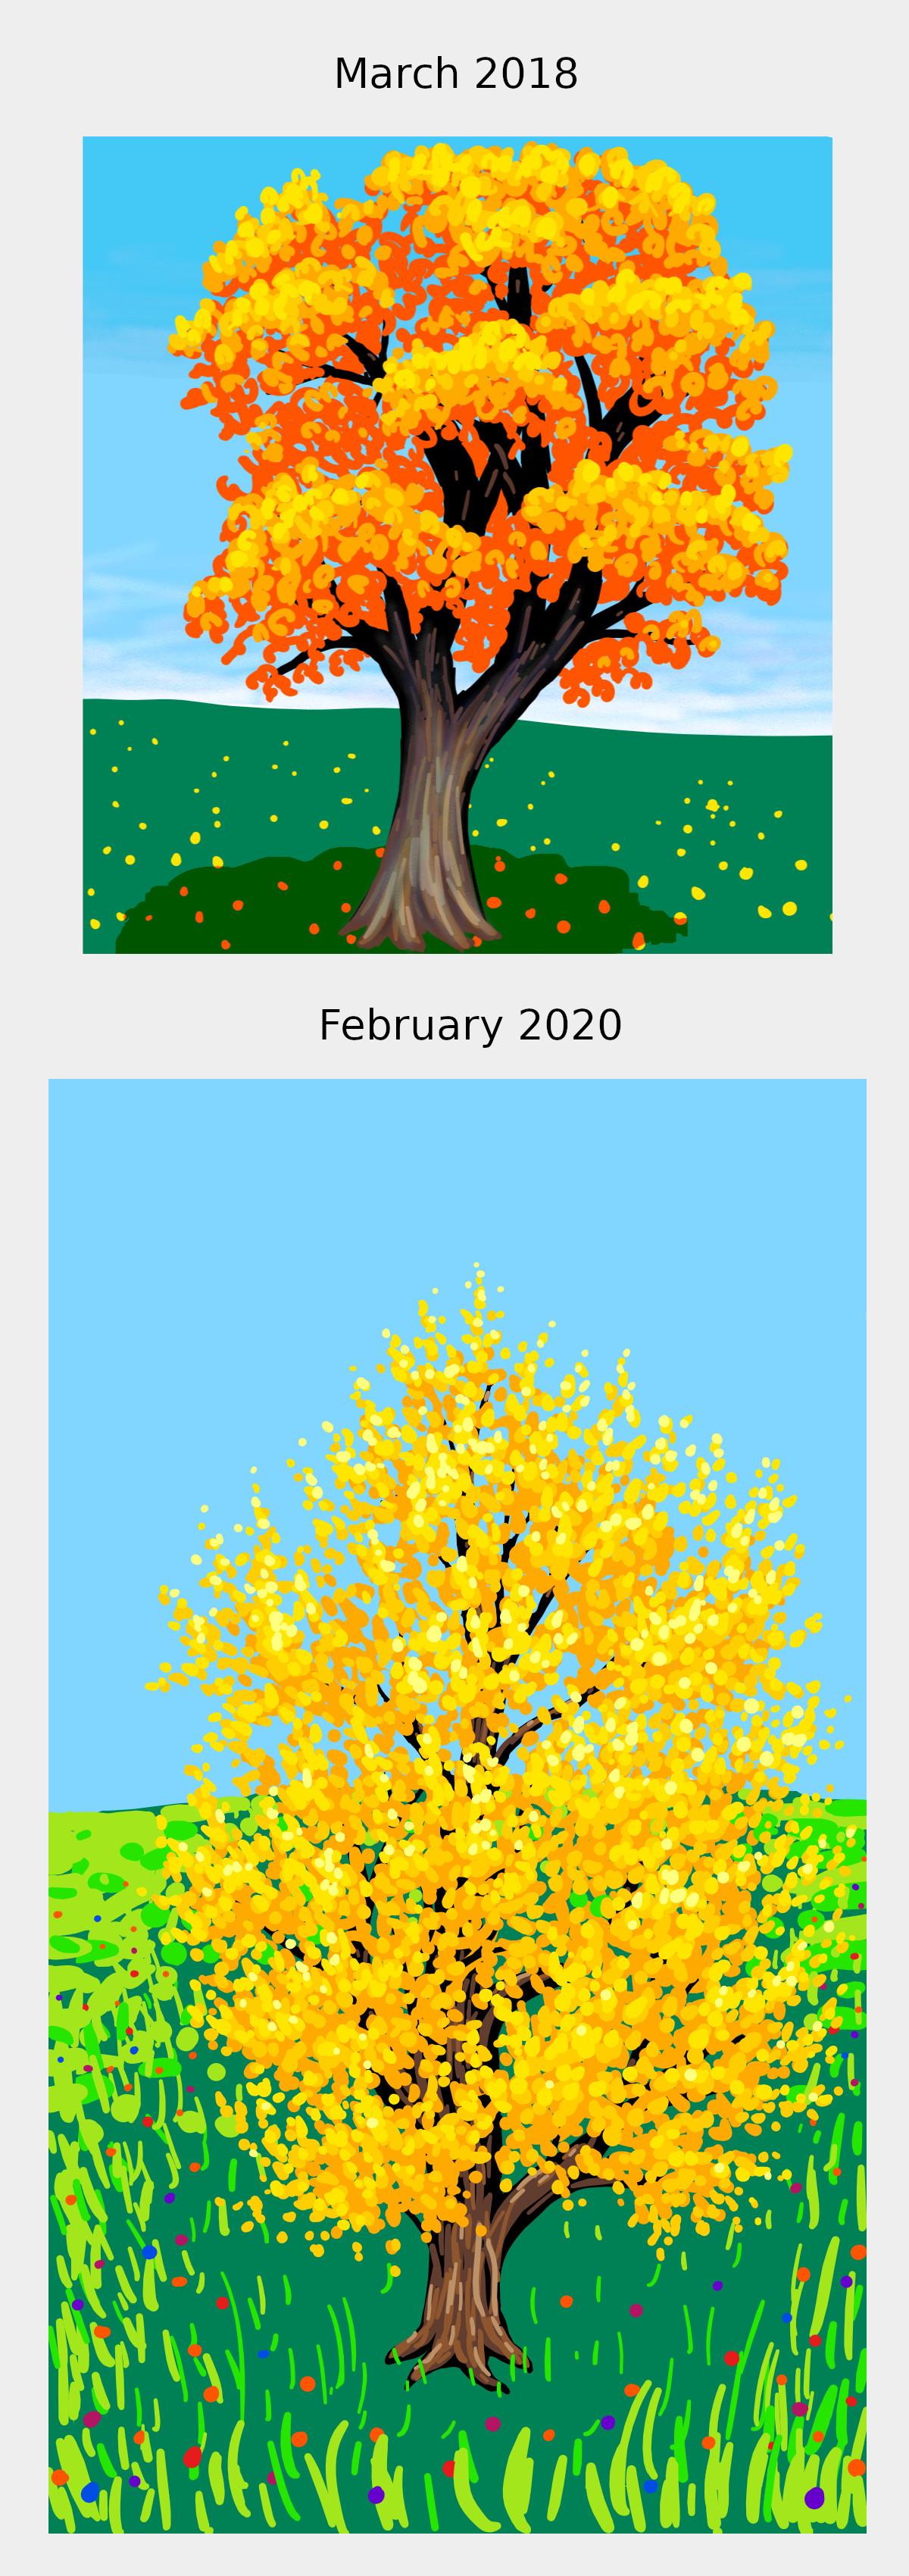 Yellow-orange tree